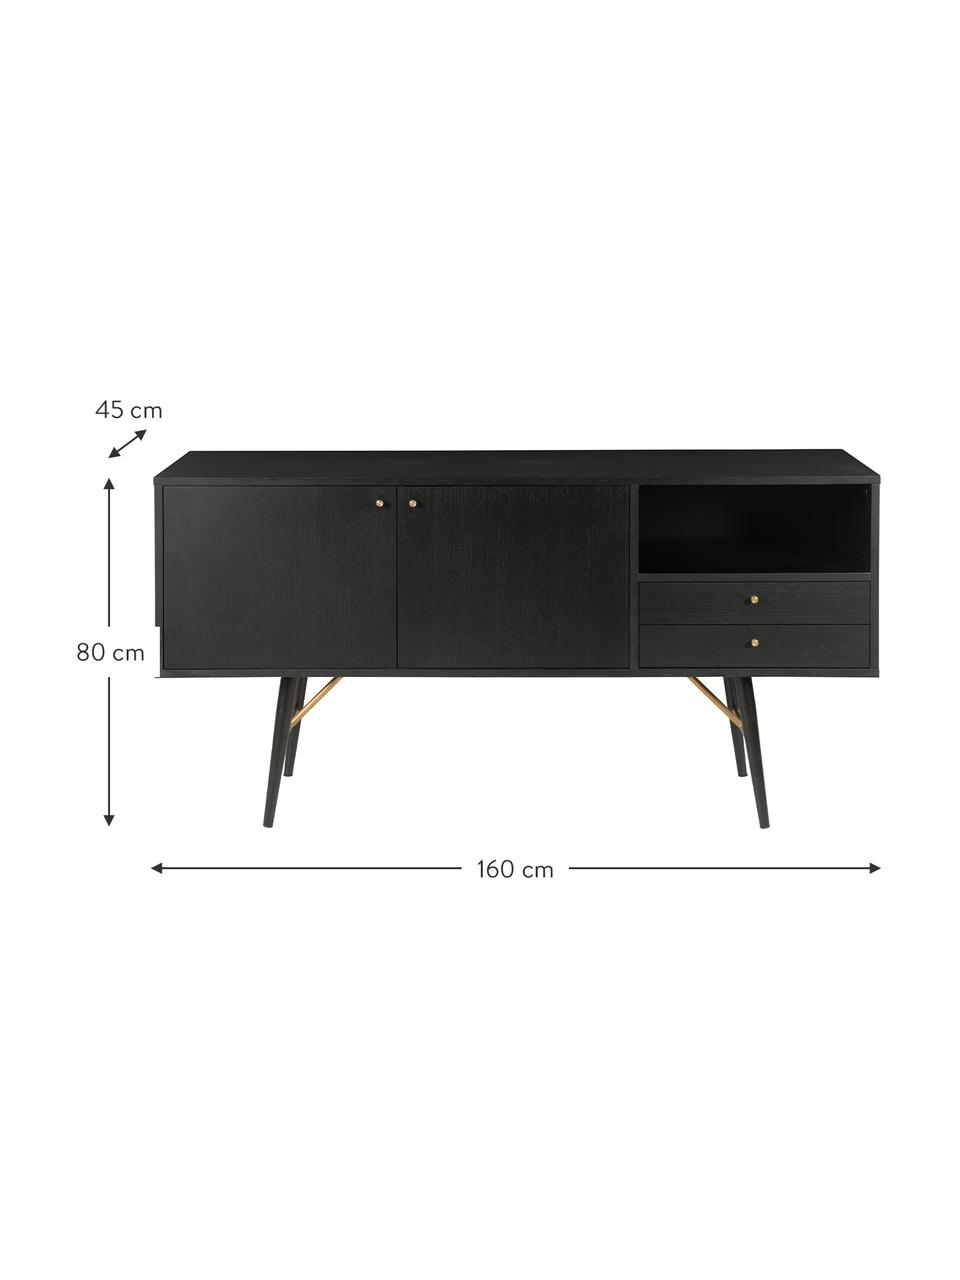 Schwarzes Sideboard Verona mit Türen, Korpus: Mitteldichte Holzfaserpla, Beine: Metall, pulverbeschichtet, Schwarz, Messing, 160 x 45 cm